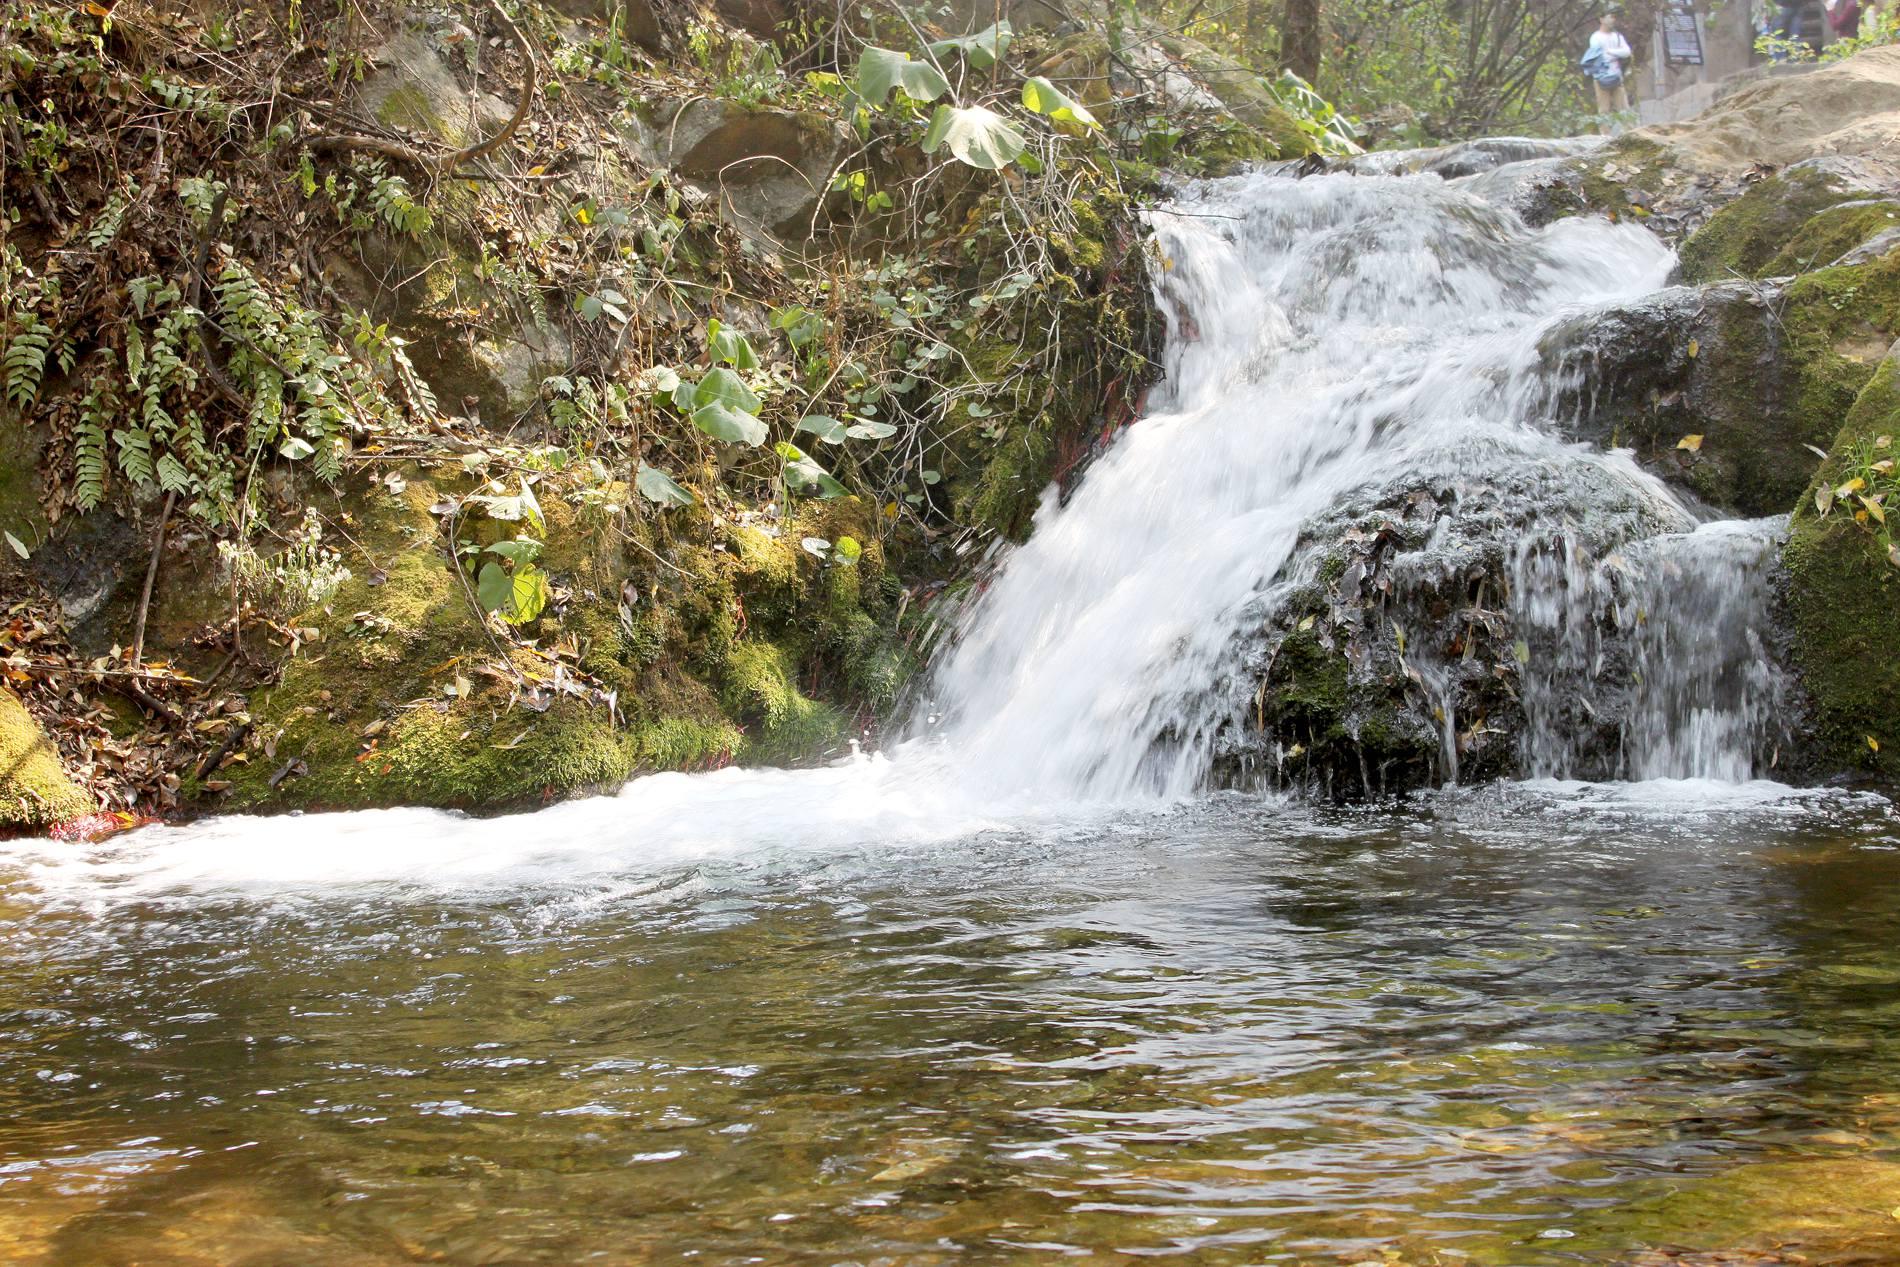 壁纸 风景 旅游 瀑布 山水 桌面 1900_1267